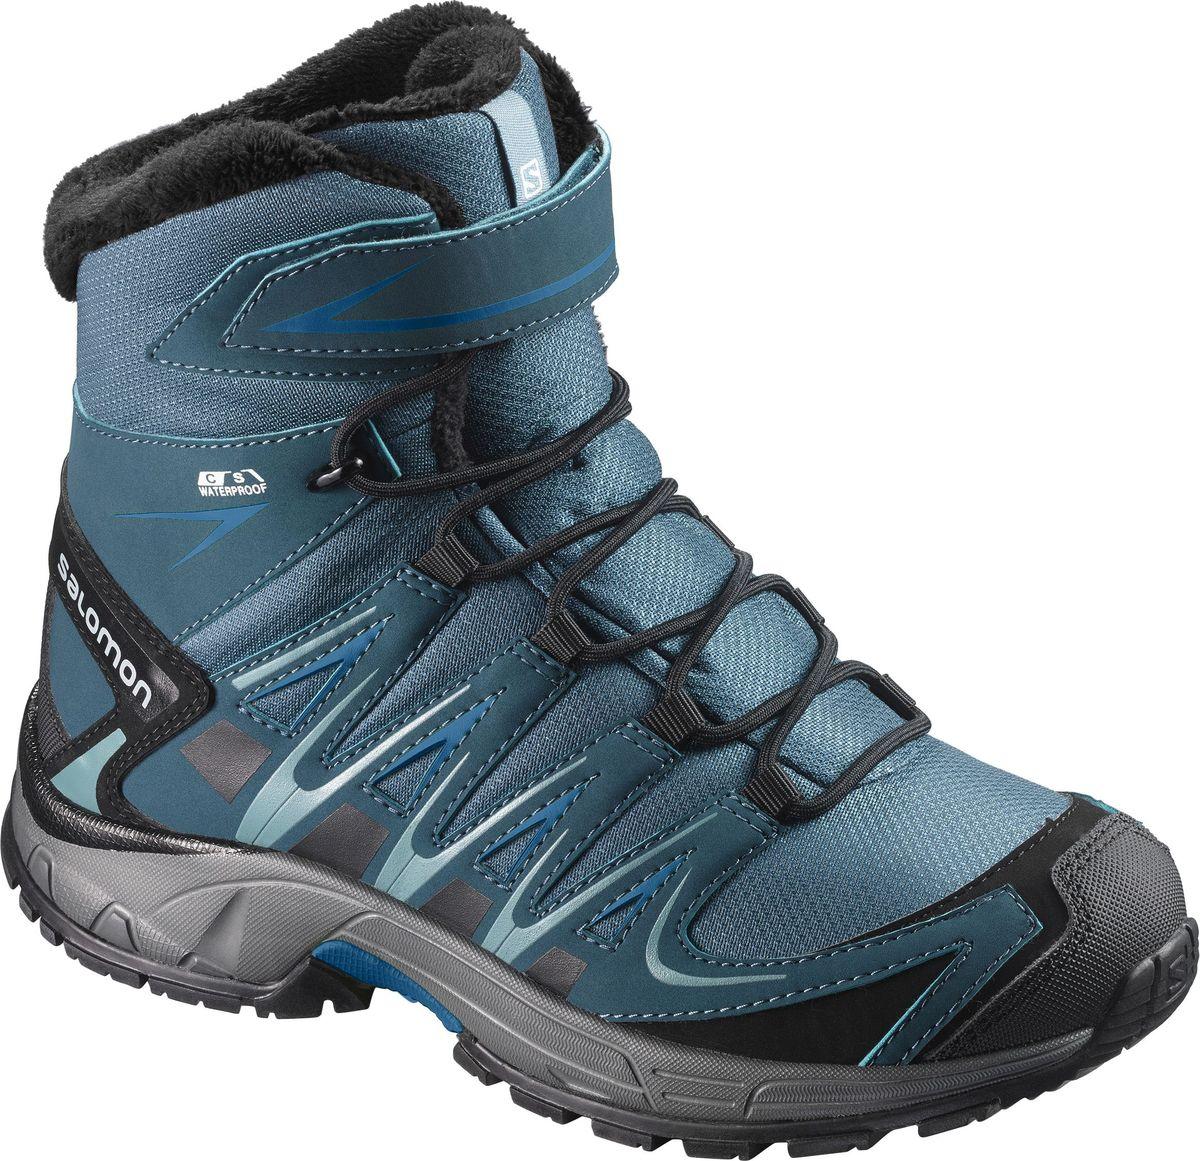 Ботинки детские Salomon XA PRO 3D Winter TS CSWP J, цвет: бирюзовый. L39845800. Размер 37 (35)L39845800Полностью непромокаемые и утепленные уютным мехом ботинки XA PRO 3D Winter TS CSWP для подростков имеют легендарную посадку Salomon и сцепление и подходят для любой активности в холодную мокрую погоду.